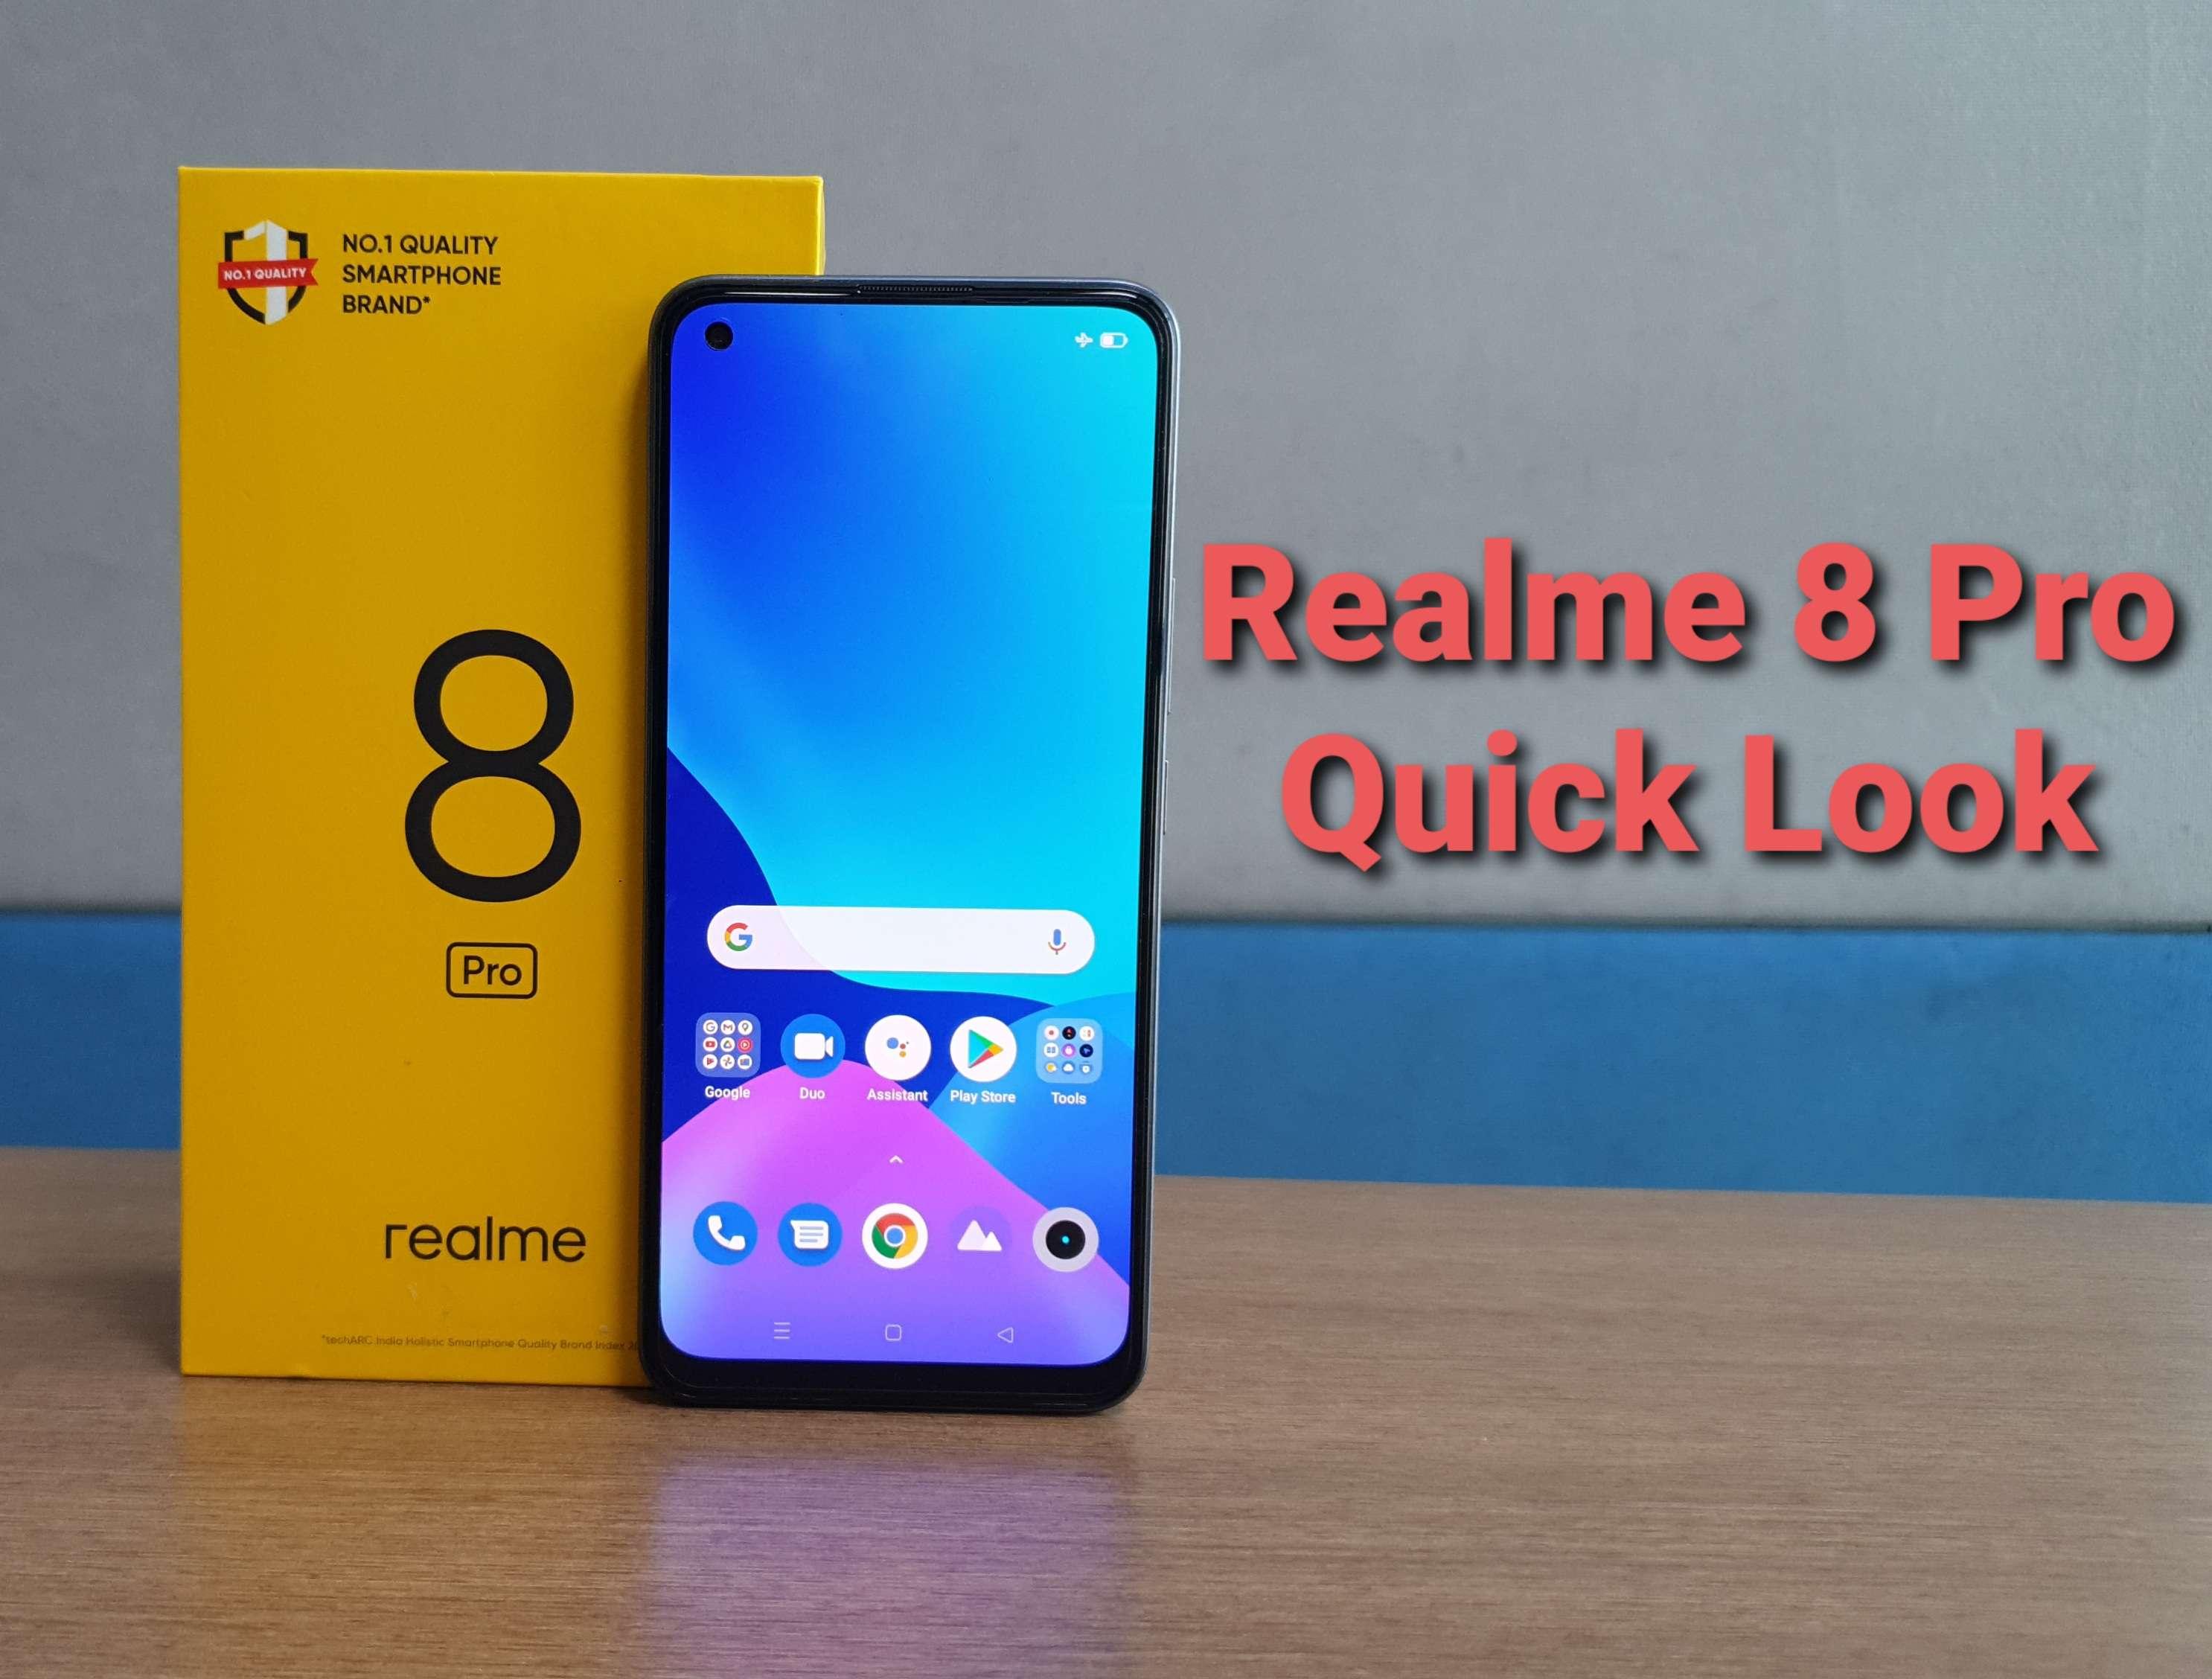 Realme 8 Pro quick look